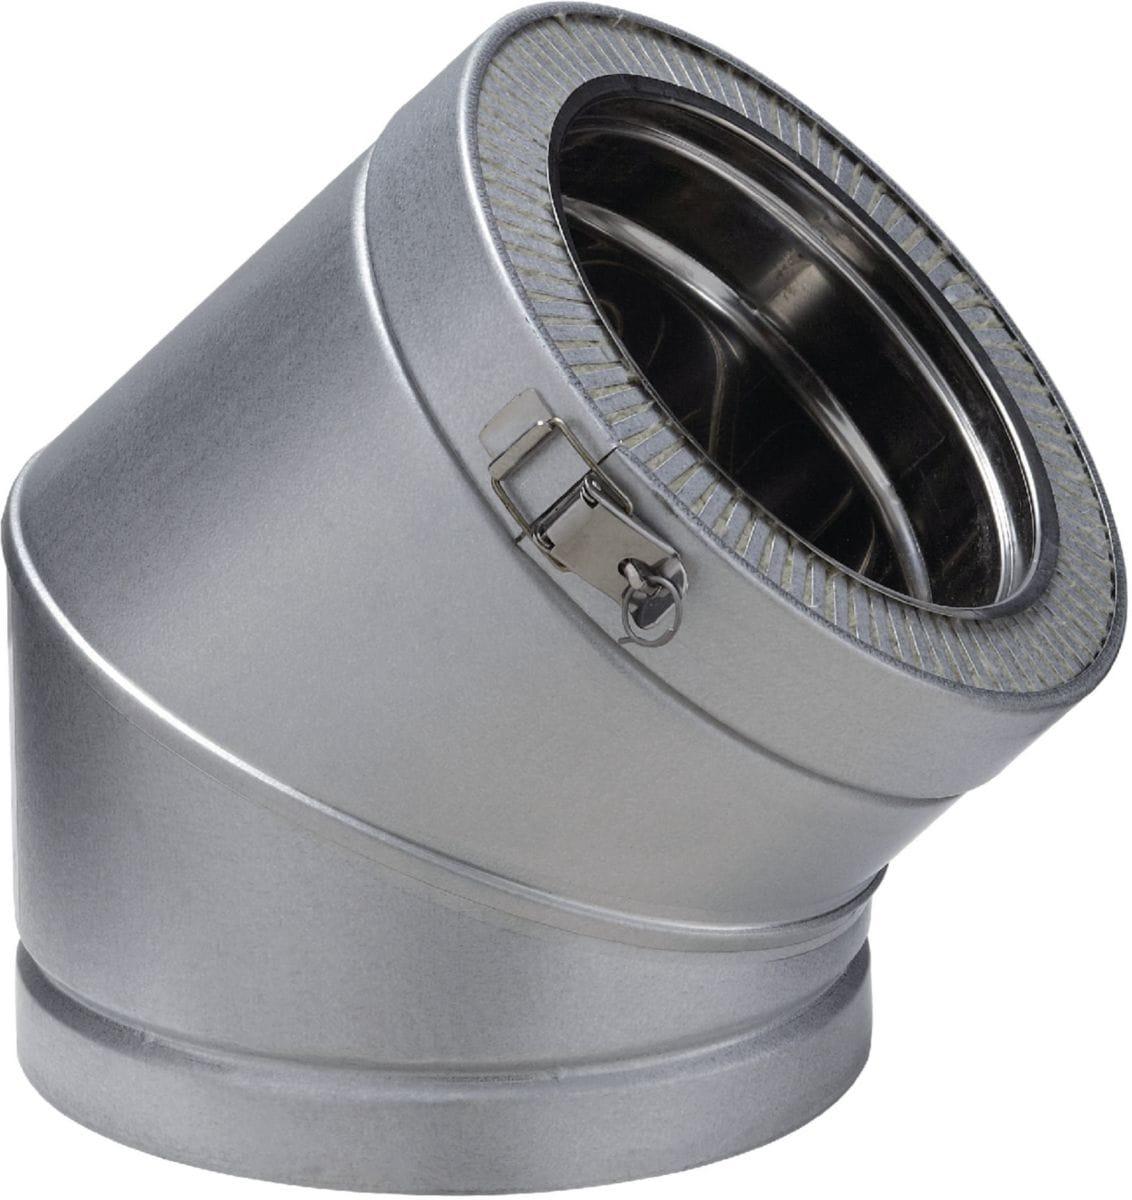 Poujoulat Coude 45 Double Paroi Pour Conduit De Concernant Tube Inox Cheminee Leroy Merlin Agencecormierdelauniere Com Agencecormierdelauniere Com